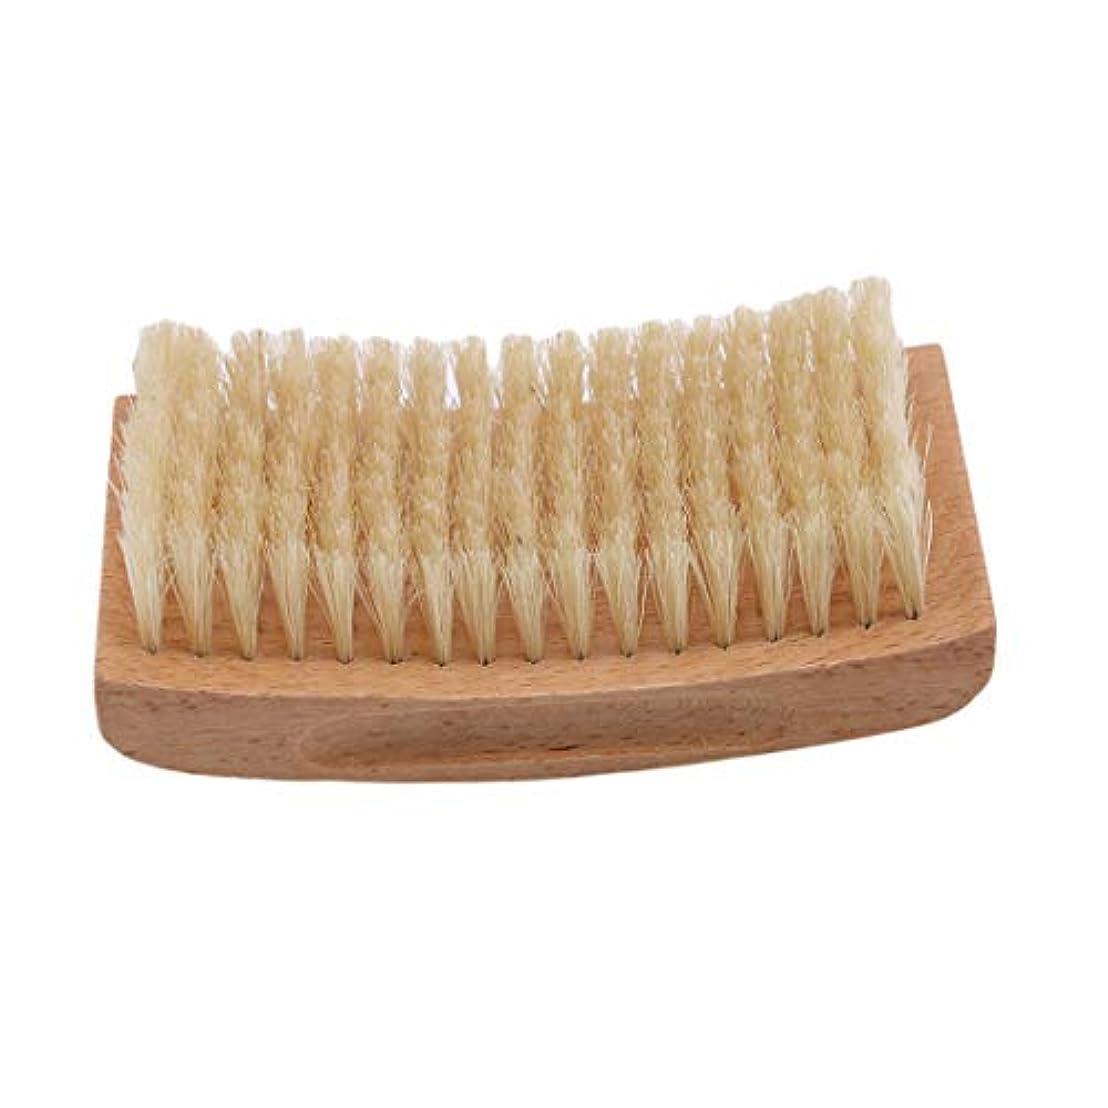 入射代数的祖父母を訪問KLUMA ひげブラシ シェービングブラシ 理容 洗顔 髭剃り 泡立ち 洗顔ブラシ 2#